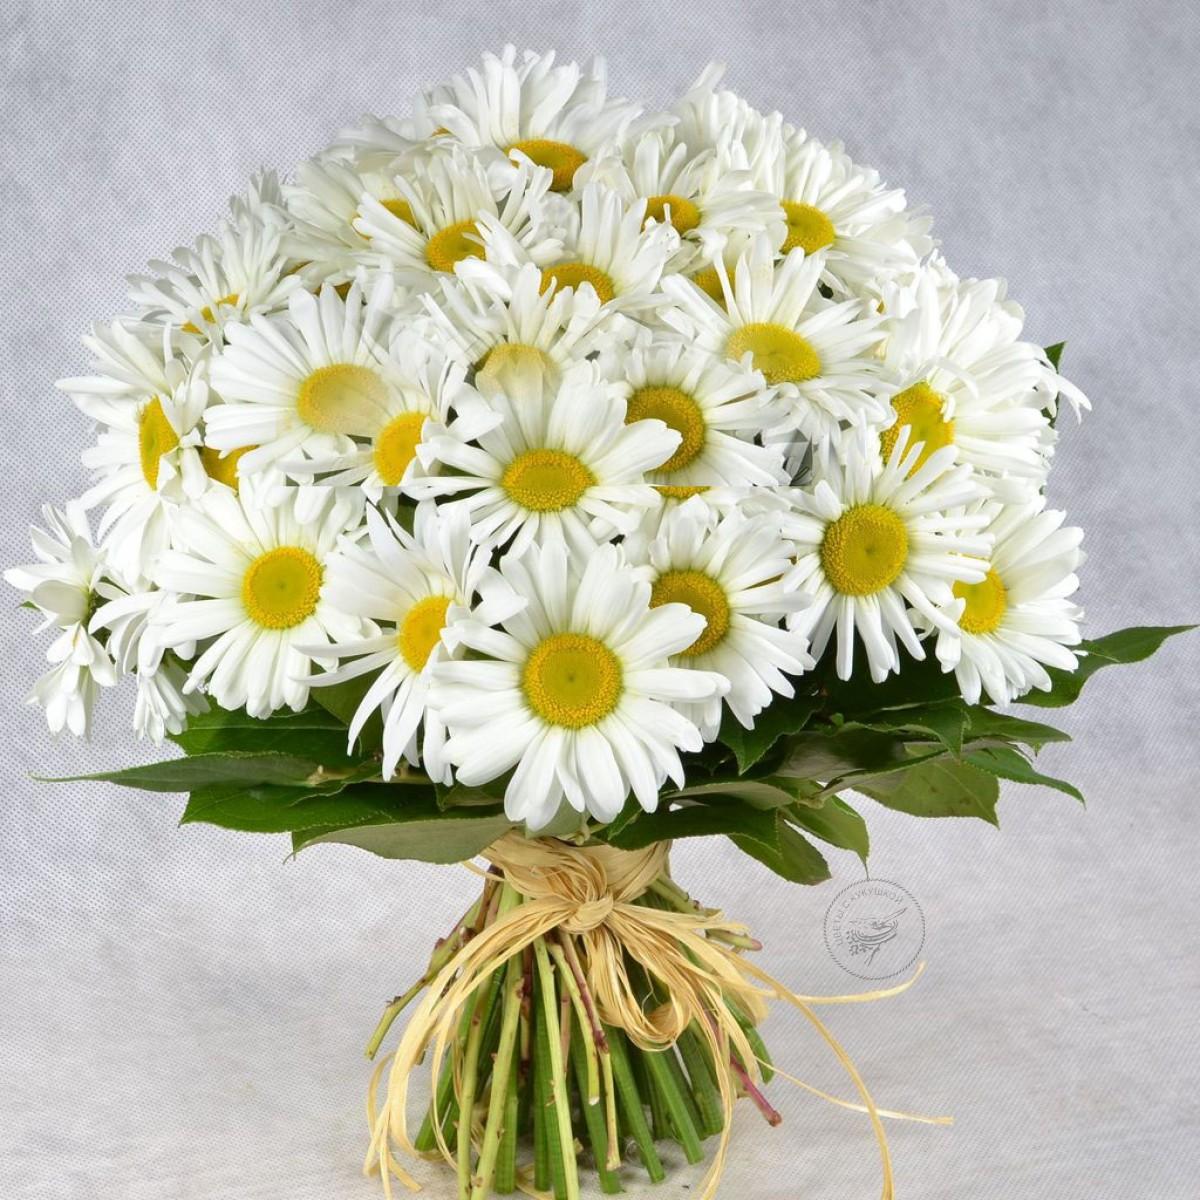 Цветы ромашка букет фото